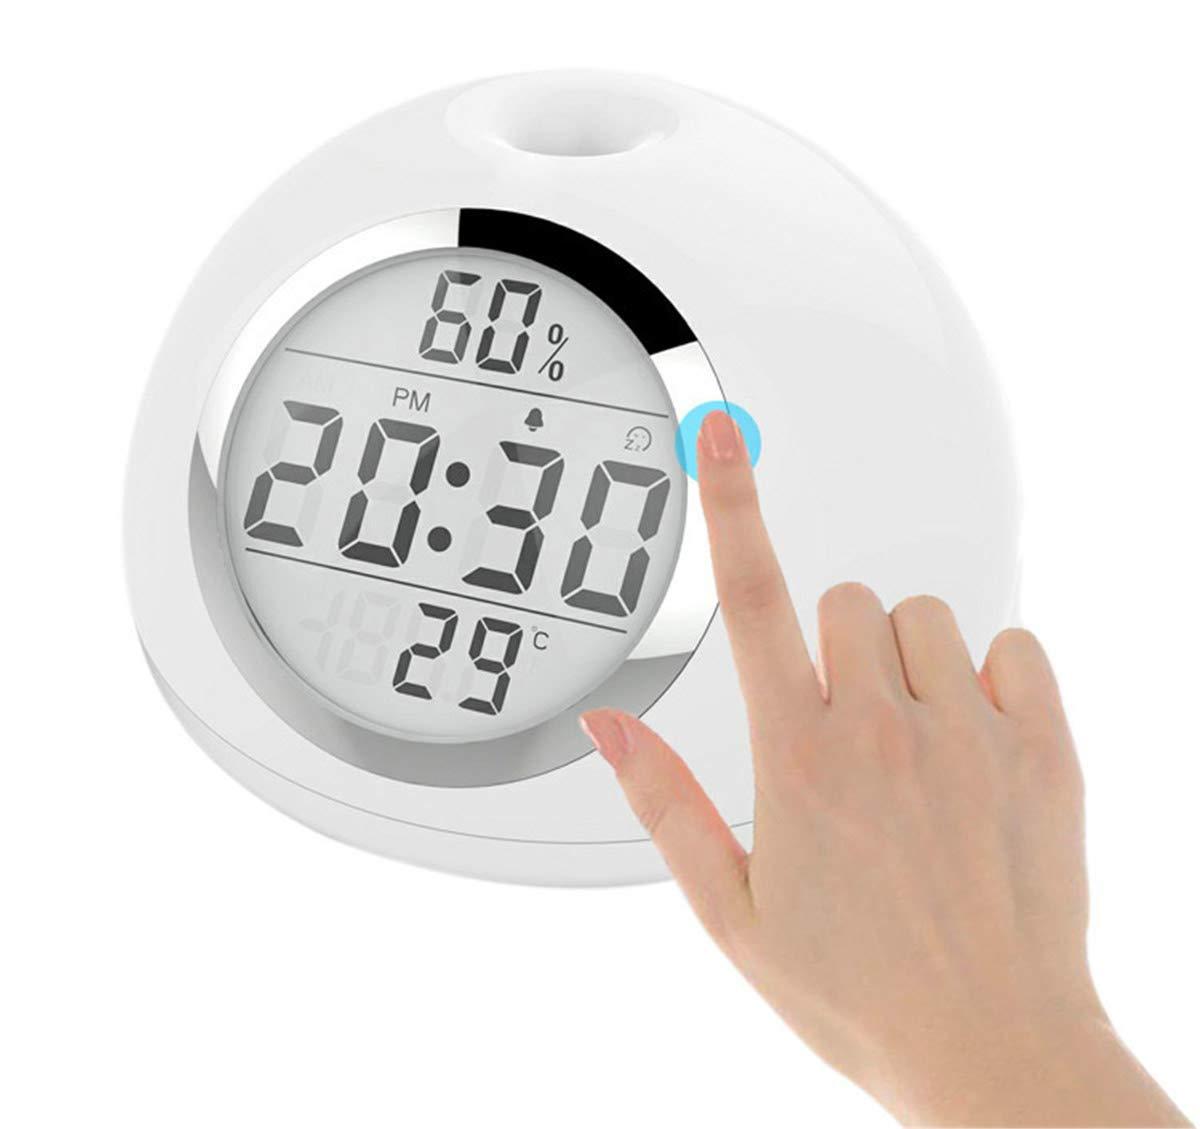 目覚まし時計の目覚めライト7色ベッドサイドの目覚ましライトLED自然音とタッチコントロール目覚まし時計モーションセンサー。 B07PB8YHM6